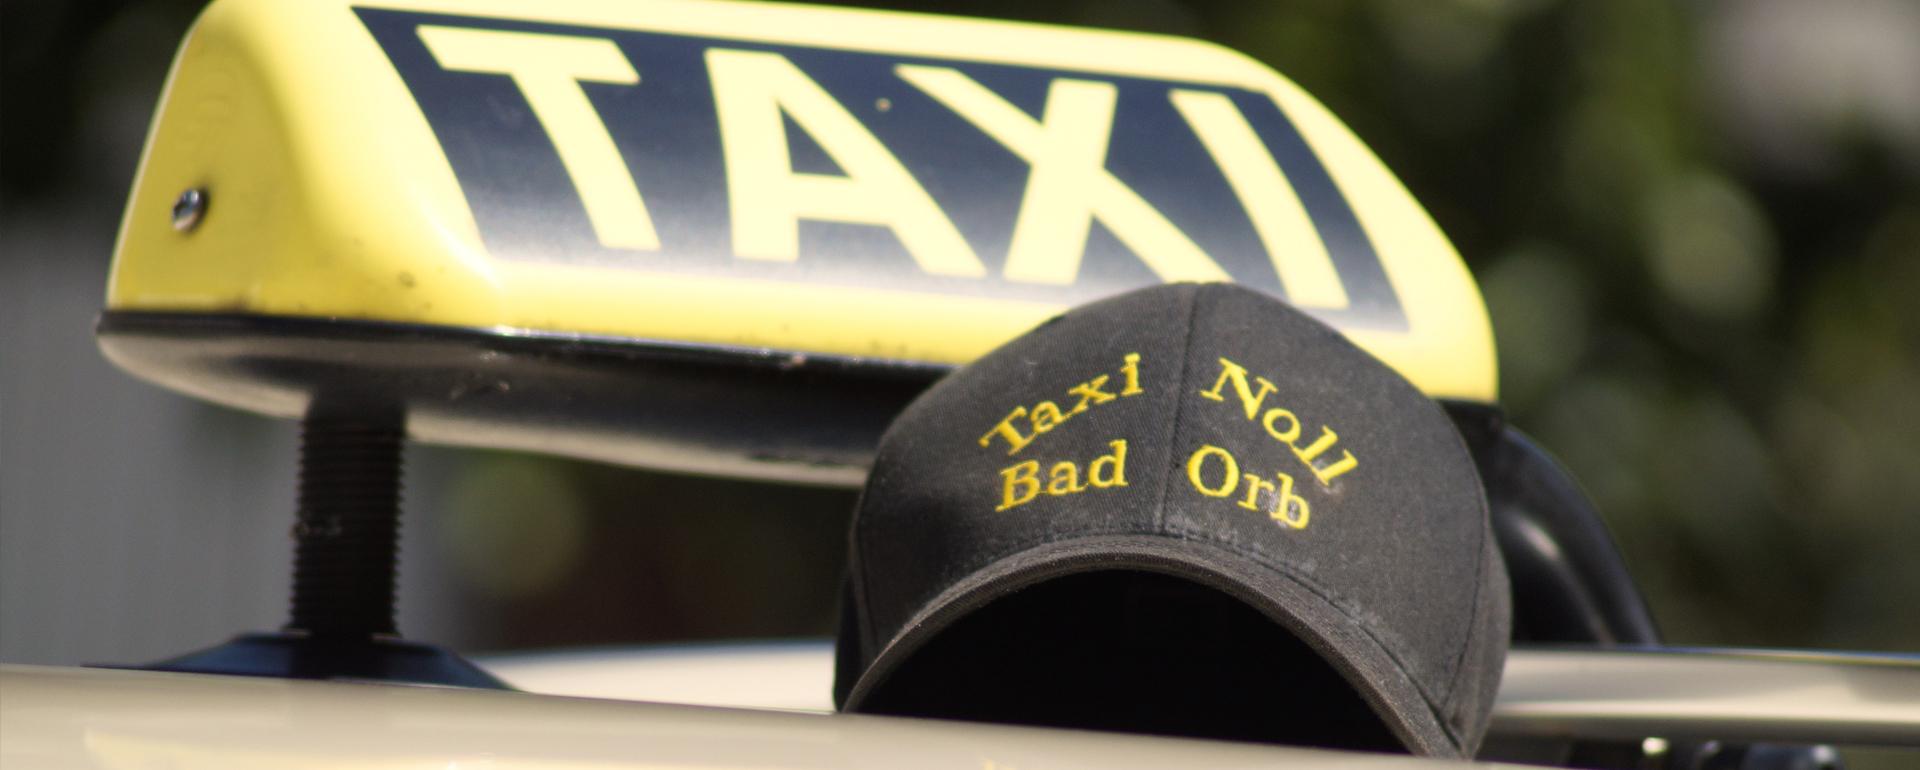 Taxi Bad Orb